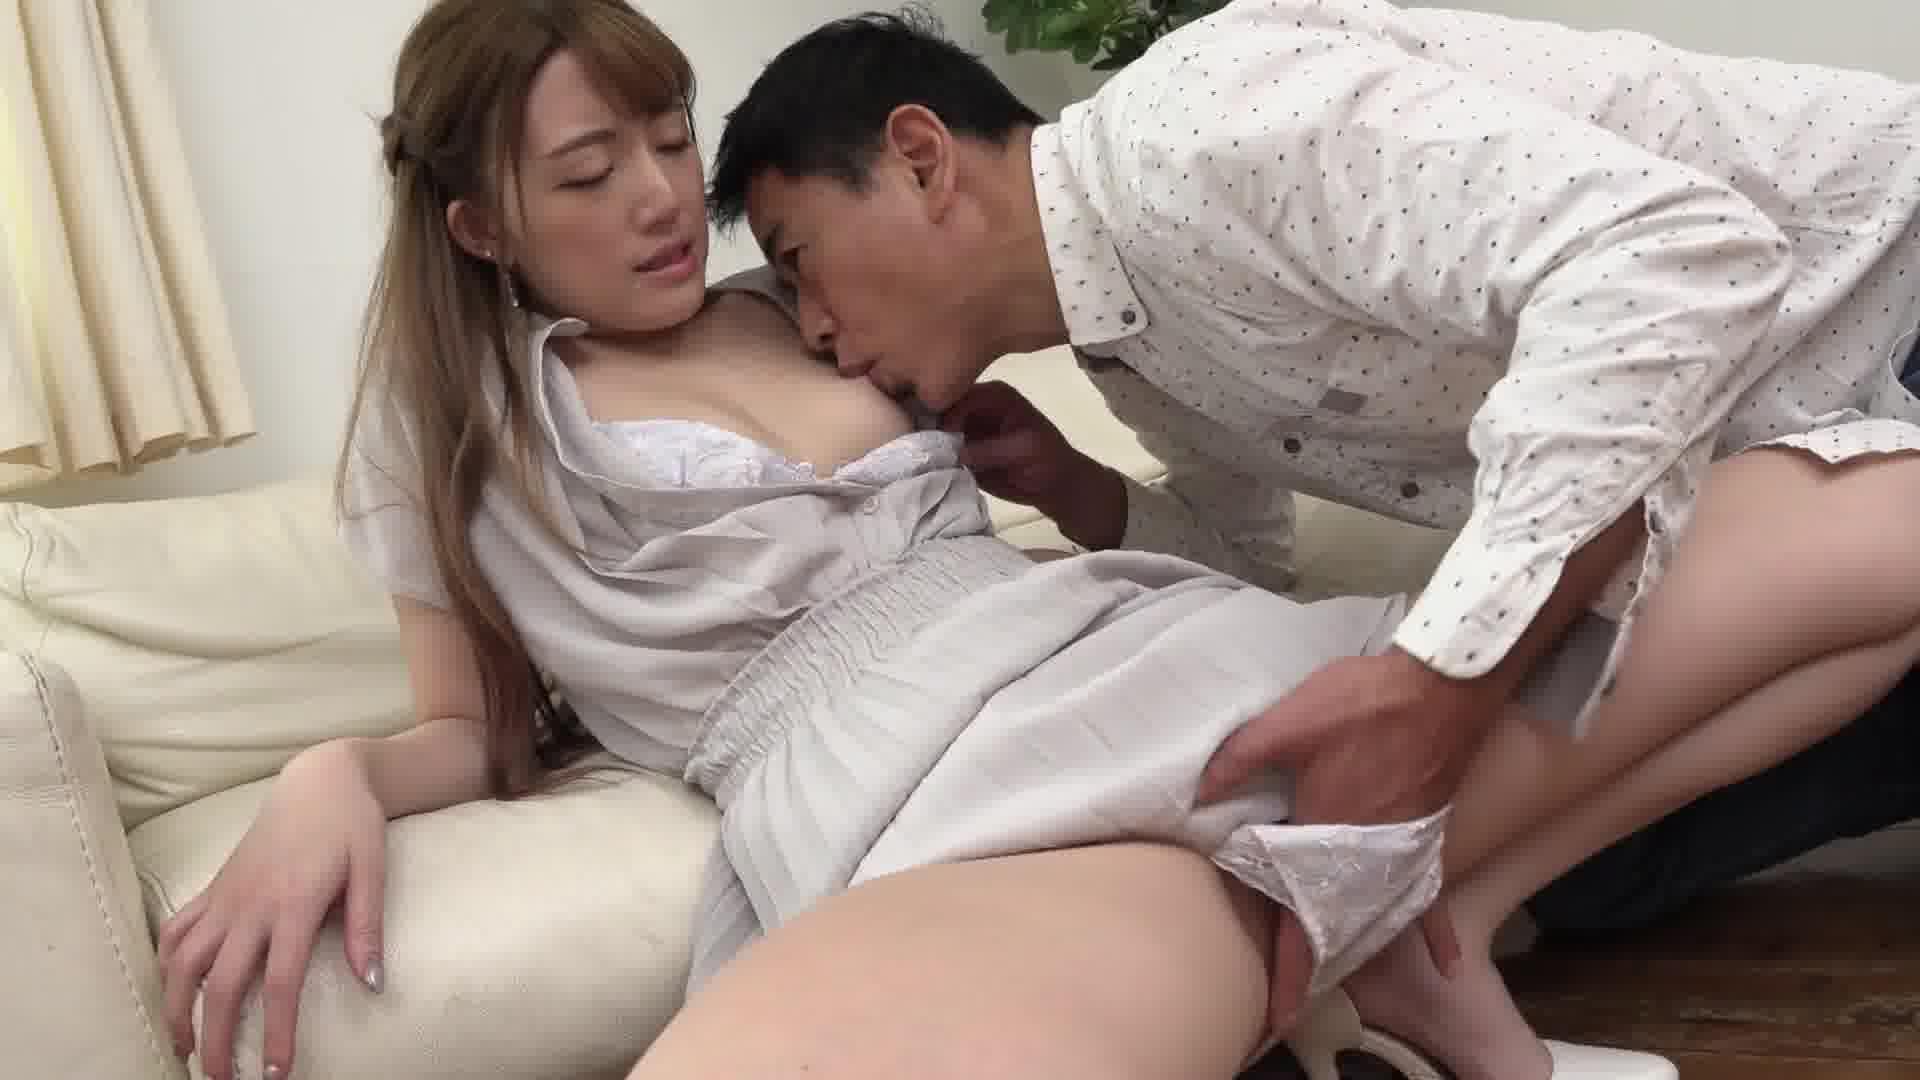 恍惚 ~性欲に飢えて貪り合う濃密SEX~ - 山岸詩織【美乳・パイパン・初裏】